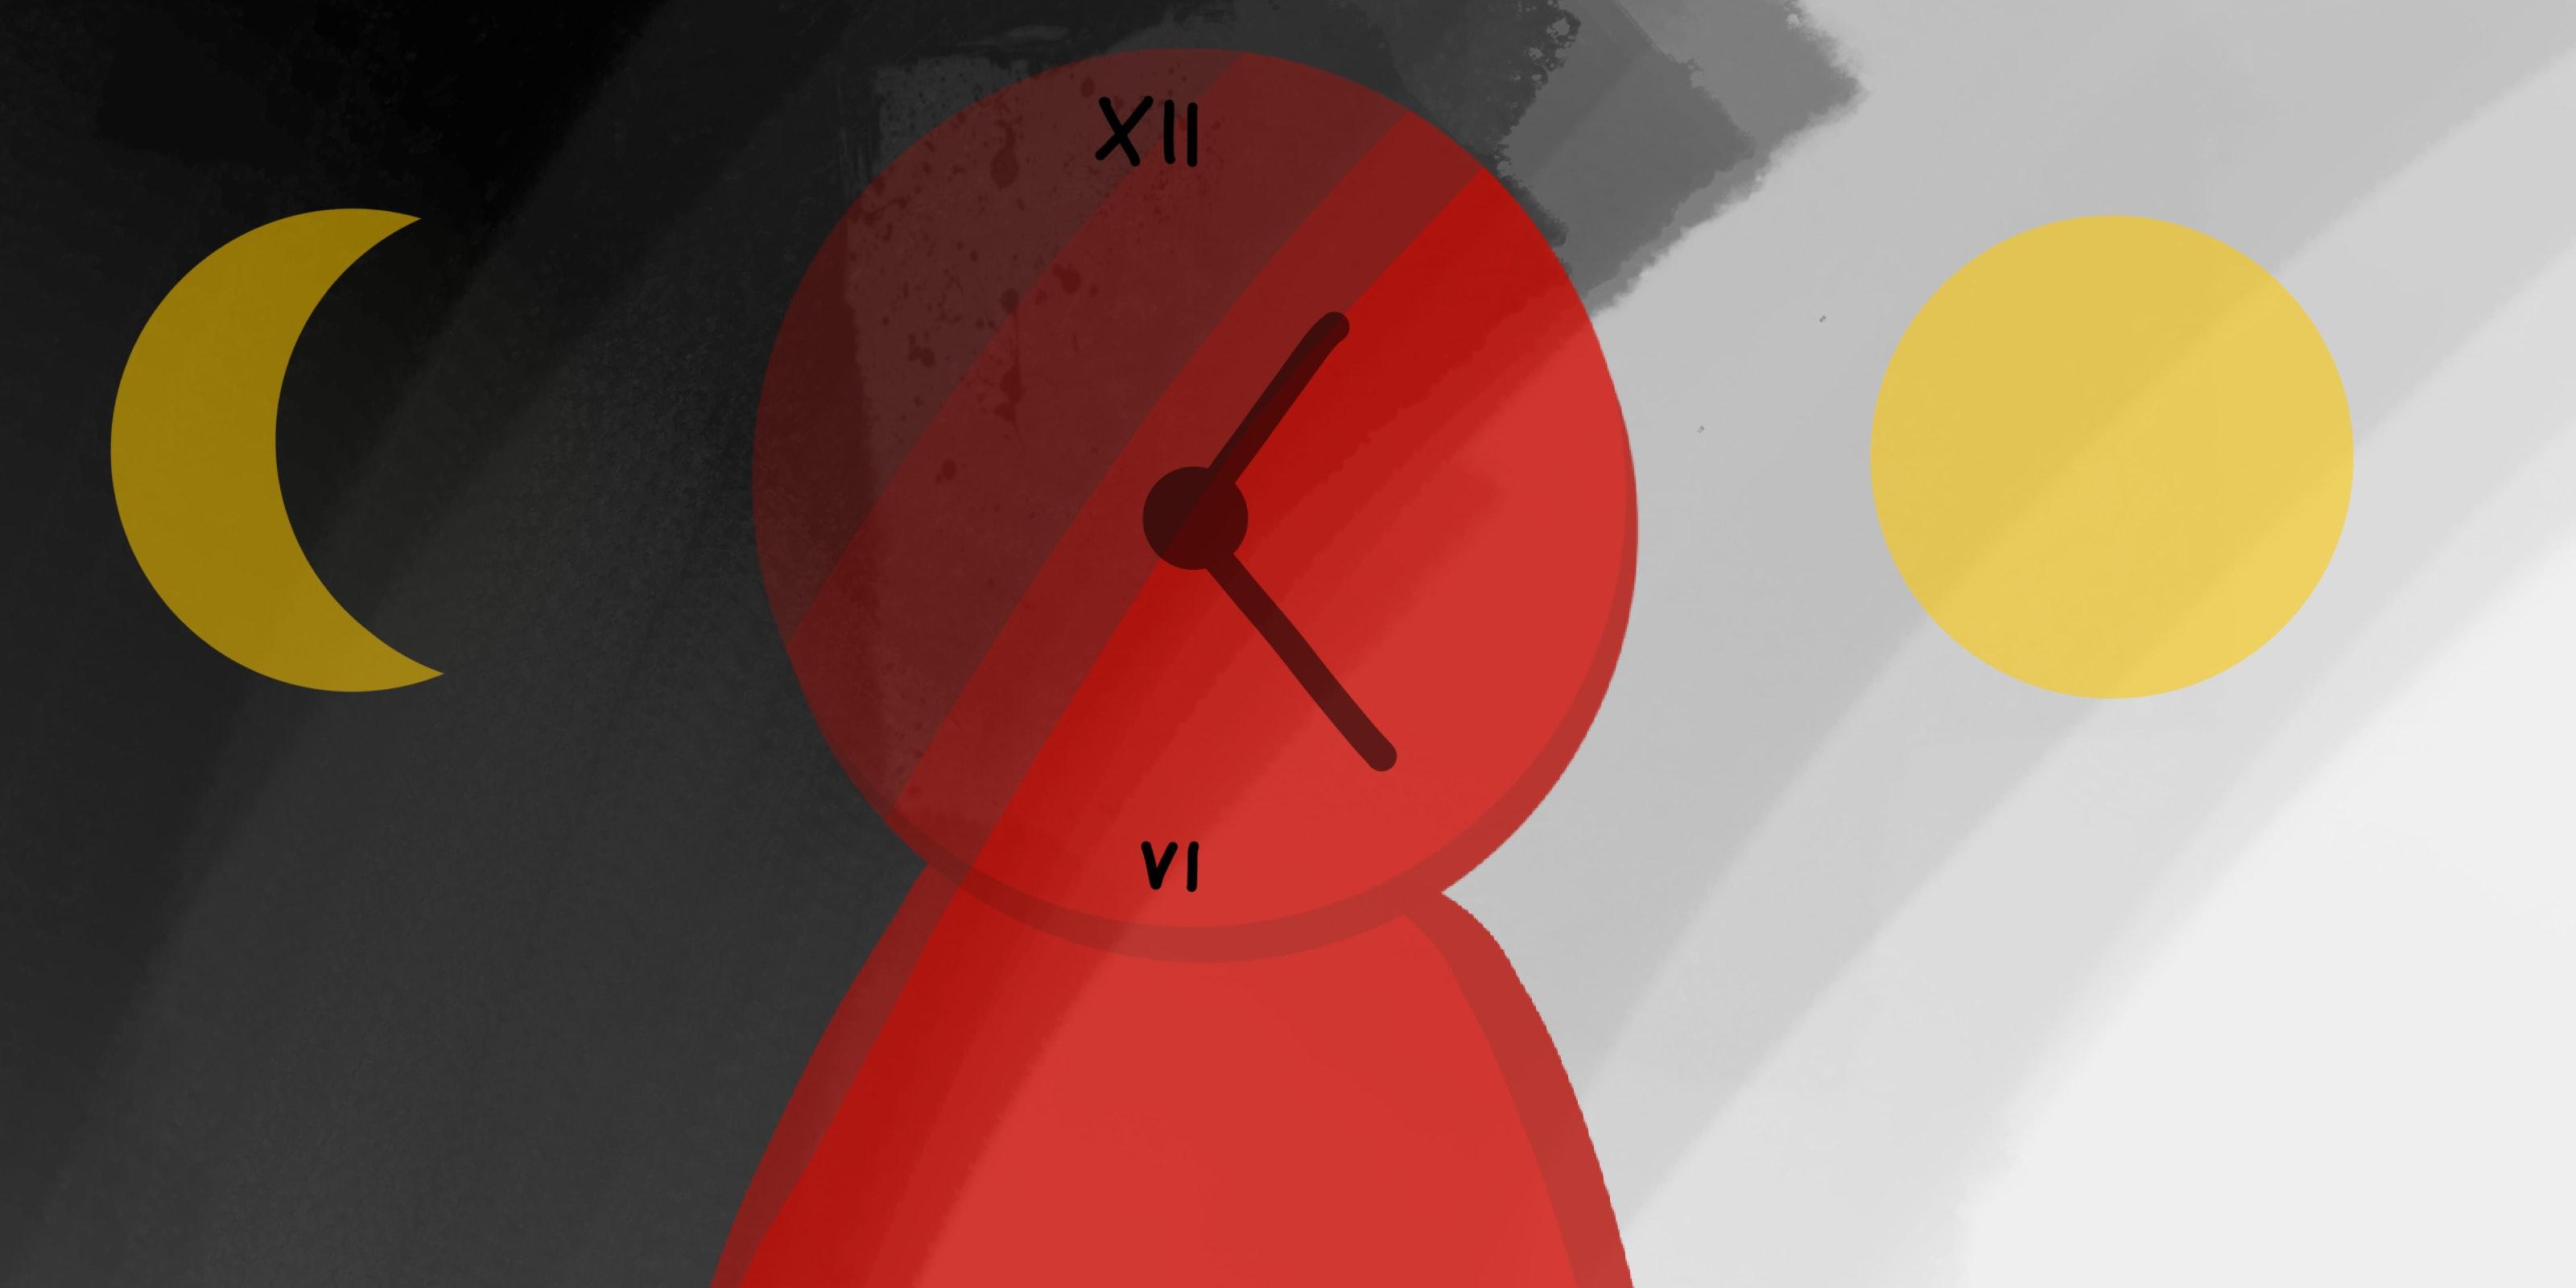 Projekty po godzinach - szansa czy pułapka? cover image